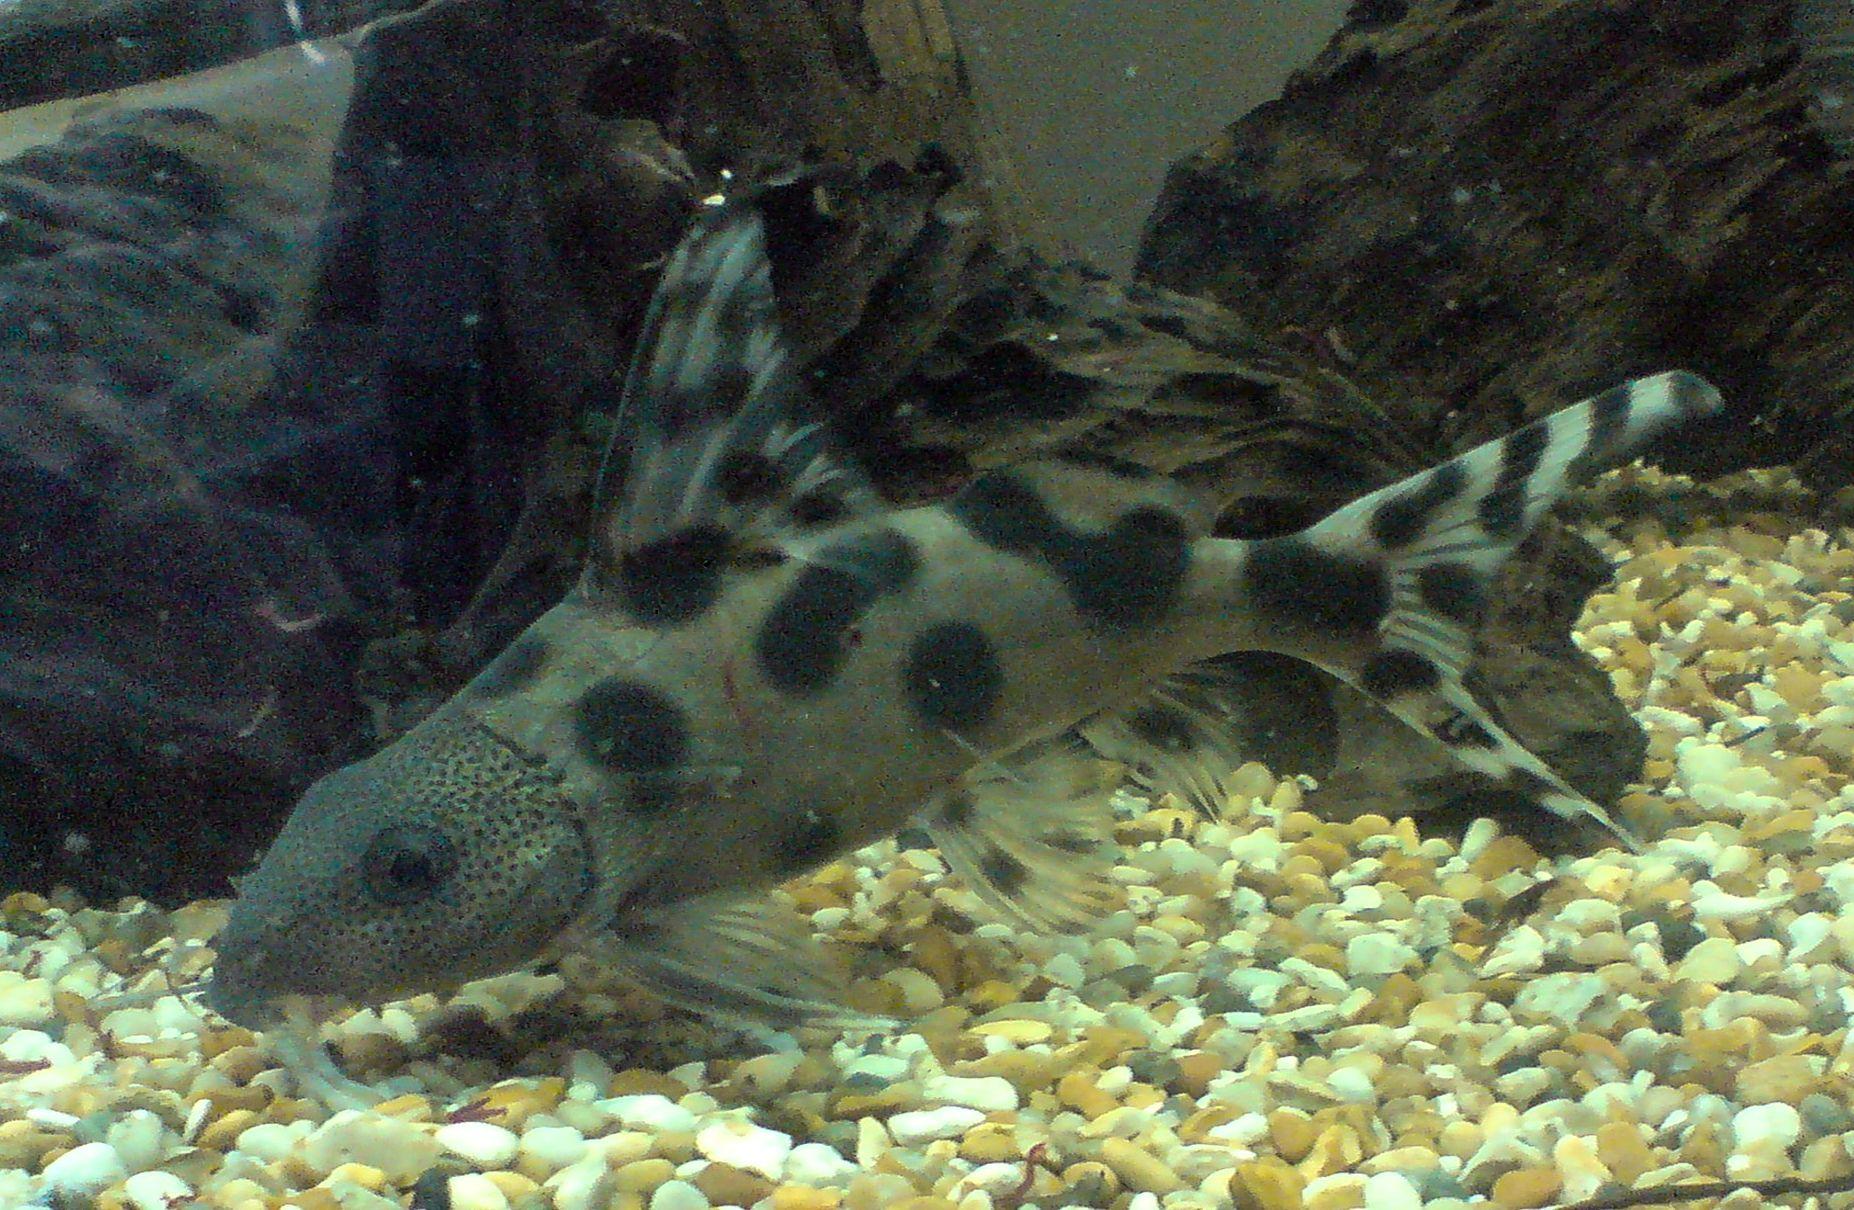 cichlids.com: sharky my Synodontis decorus